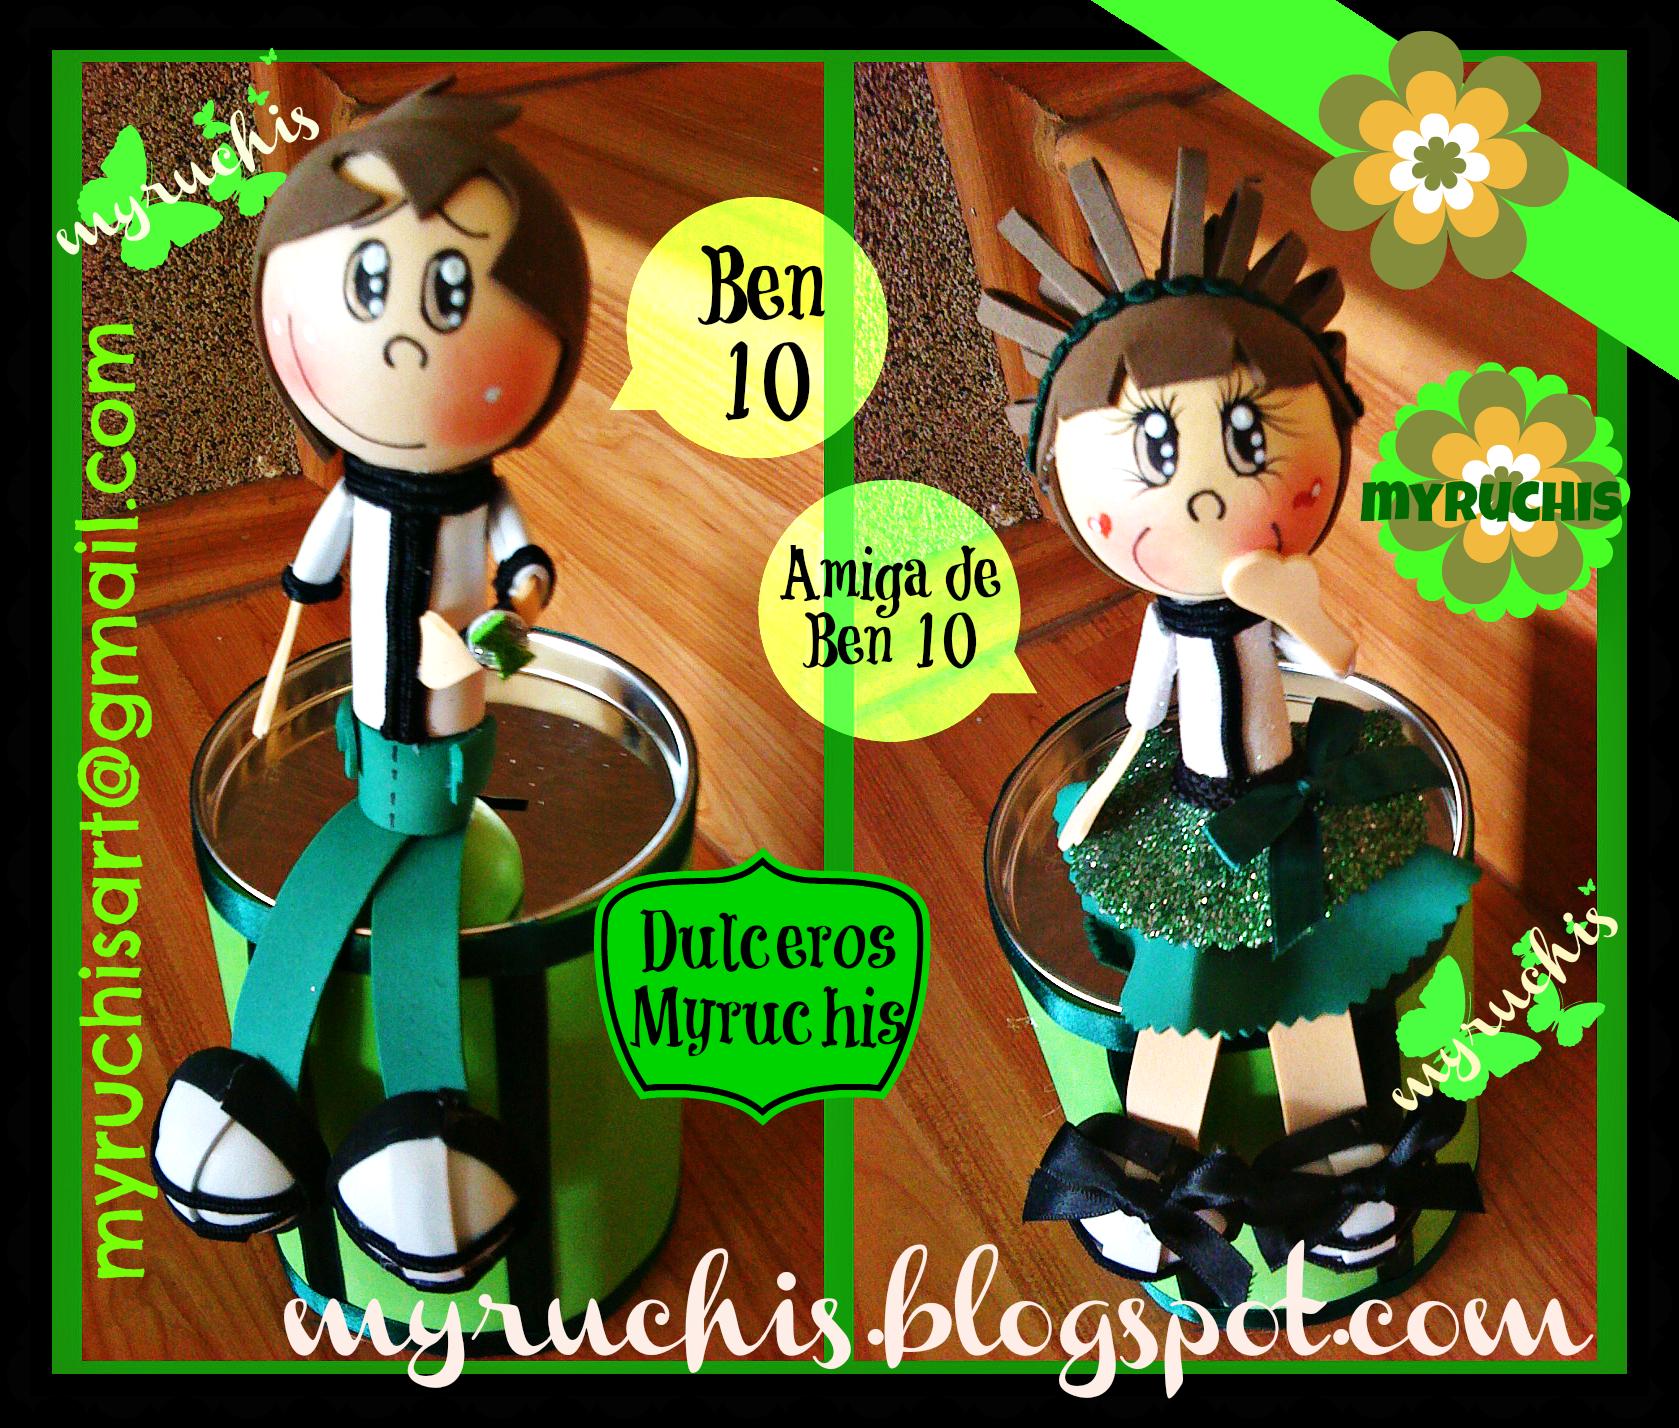 Dulceros, Fiesta Infantil, Fiesta Ben 10 myruchis.blogspot.com